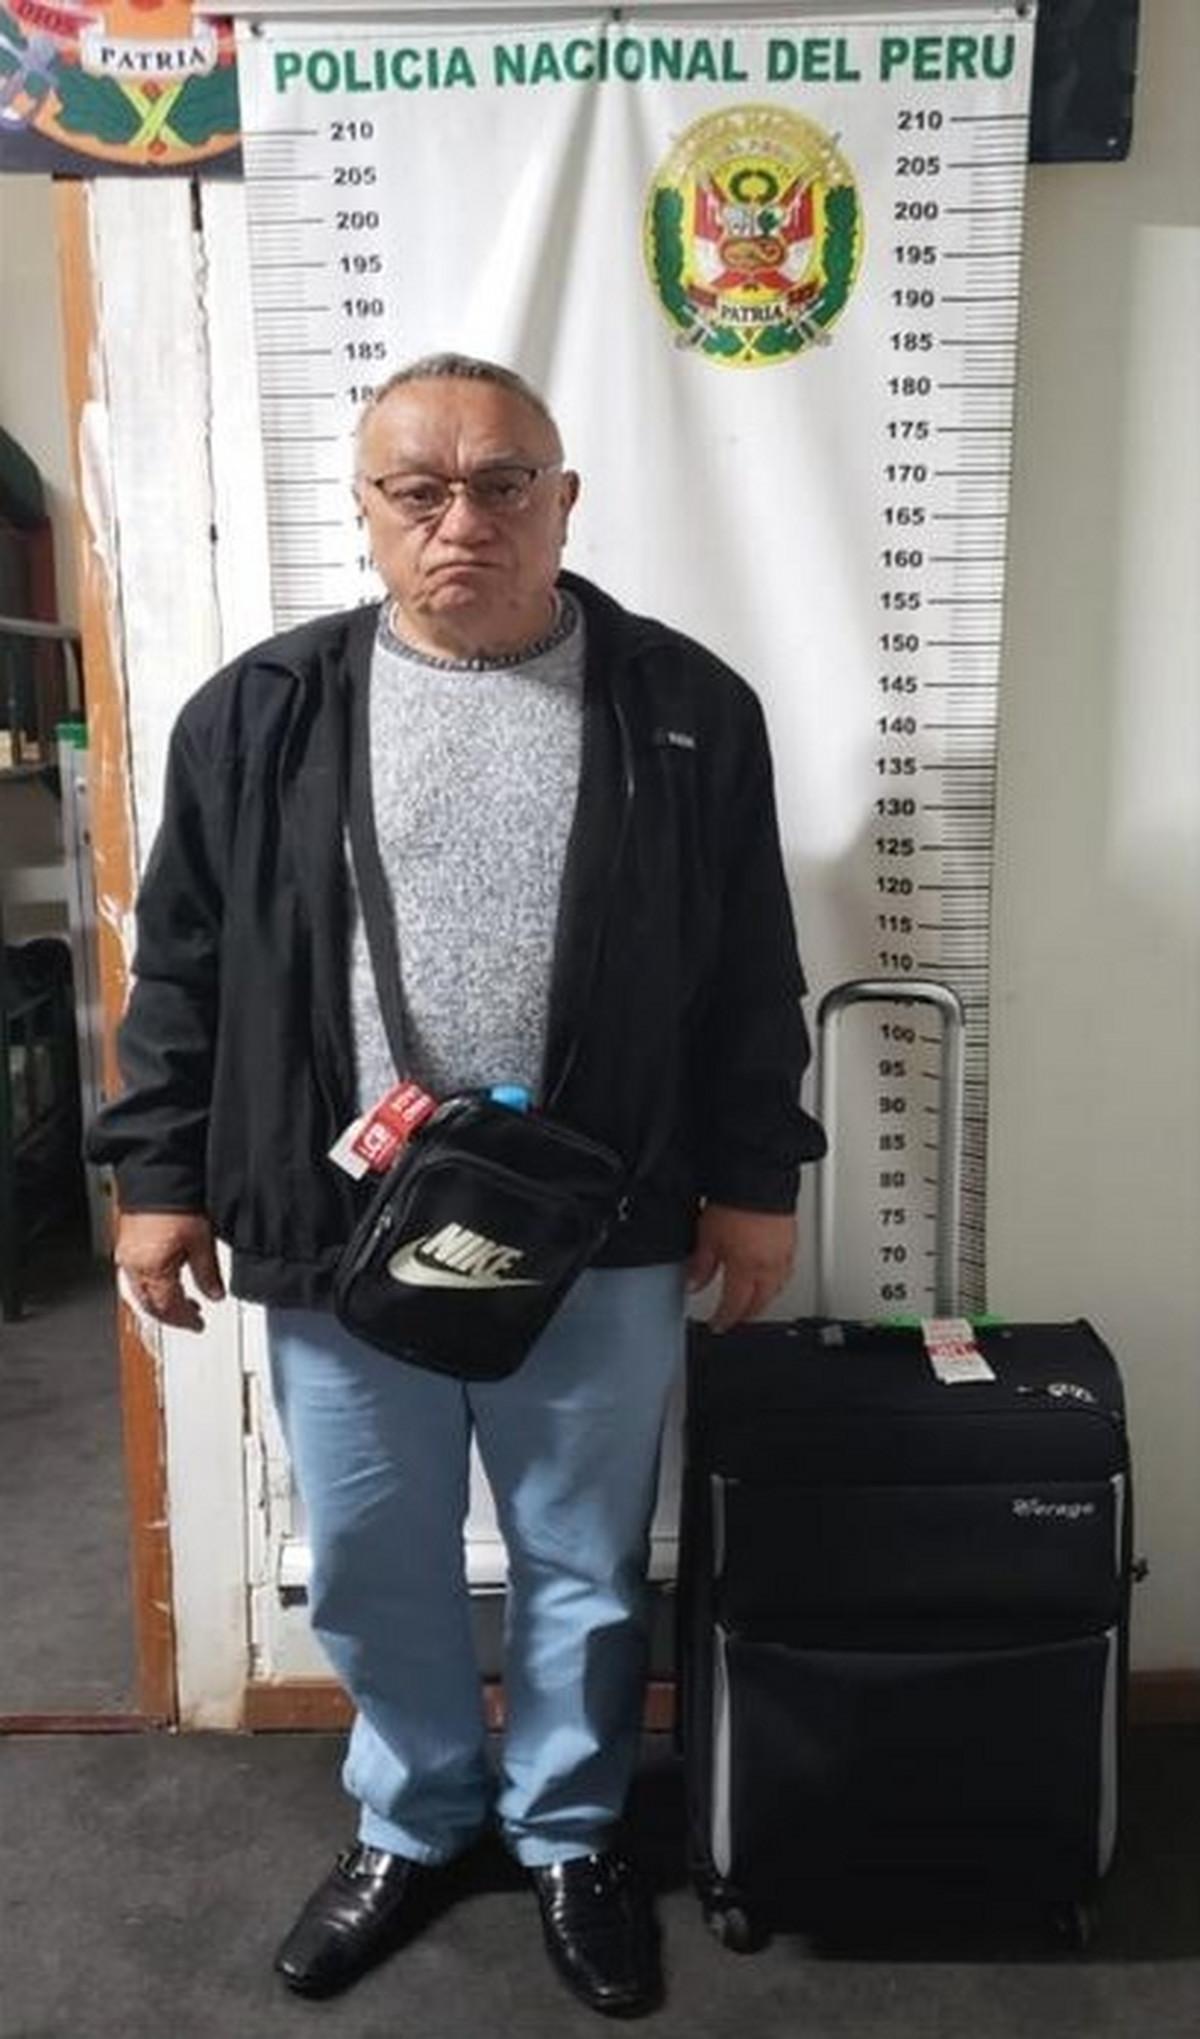 SRBIN UHAPSEN U PERUU Policija na aerodrumu pronasla u prtljagu skriven KOKAIN